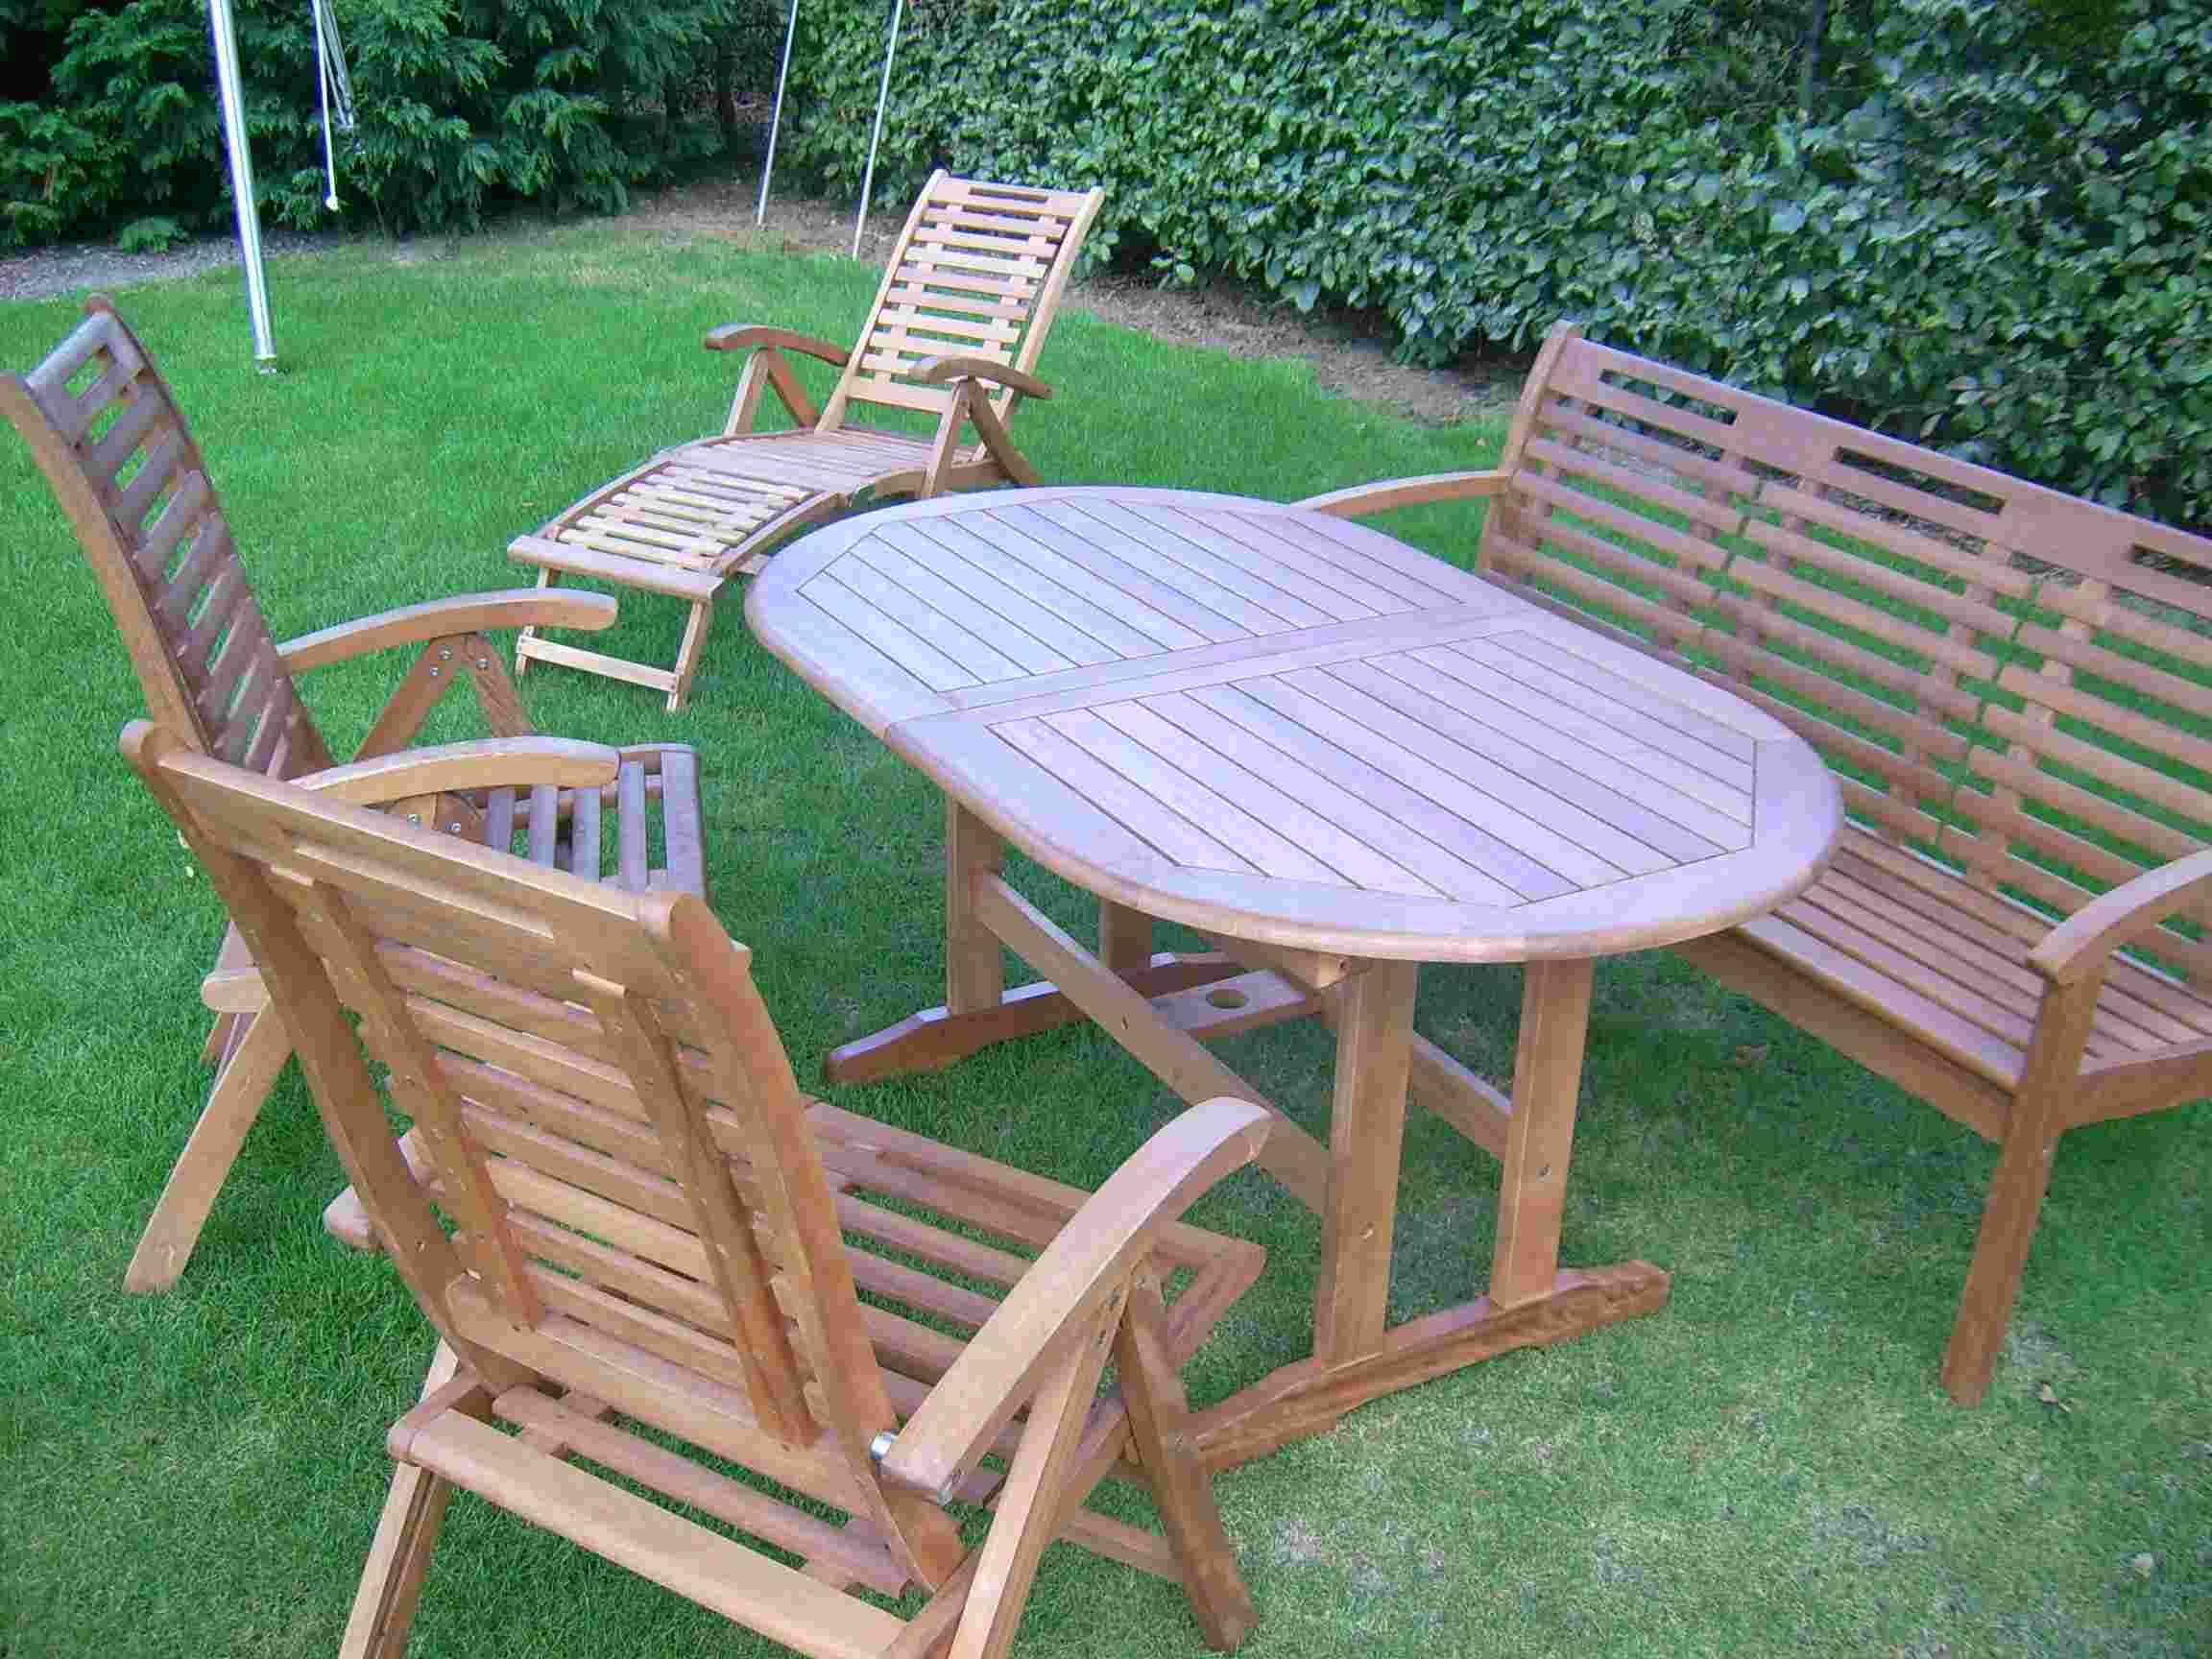 Holz im Garten - Gartenmöbel